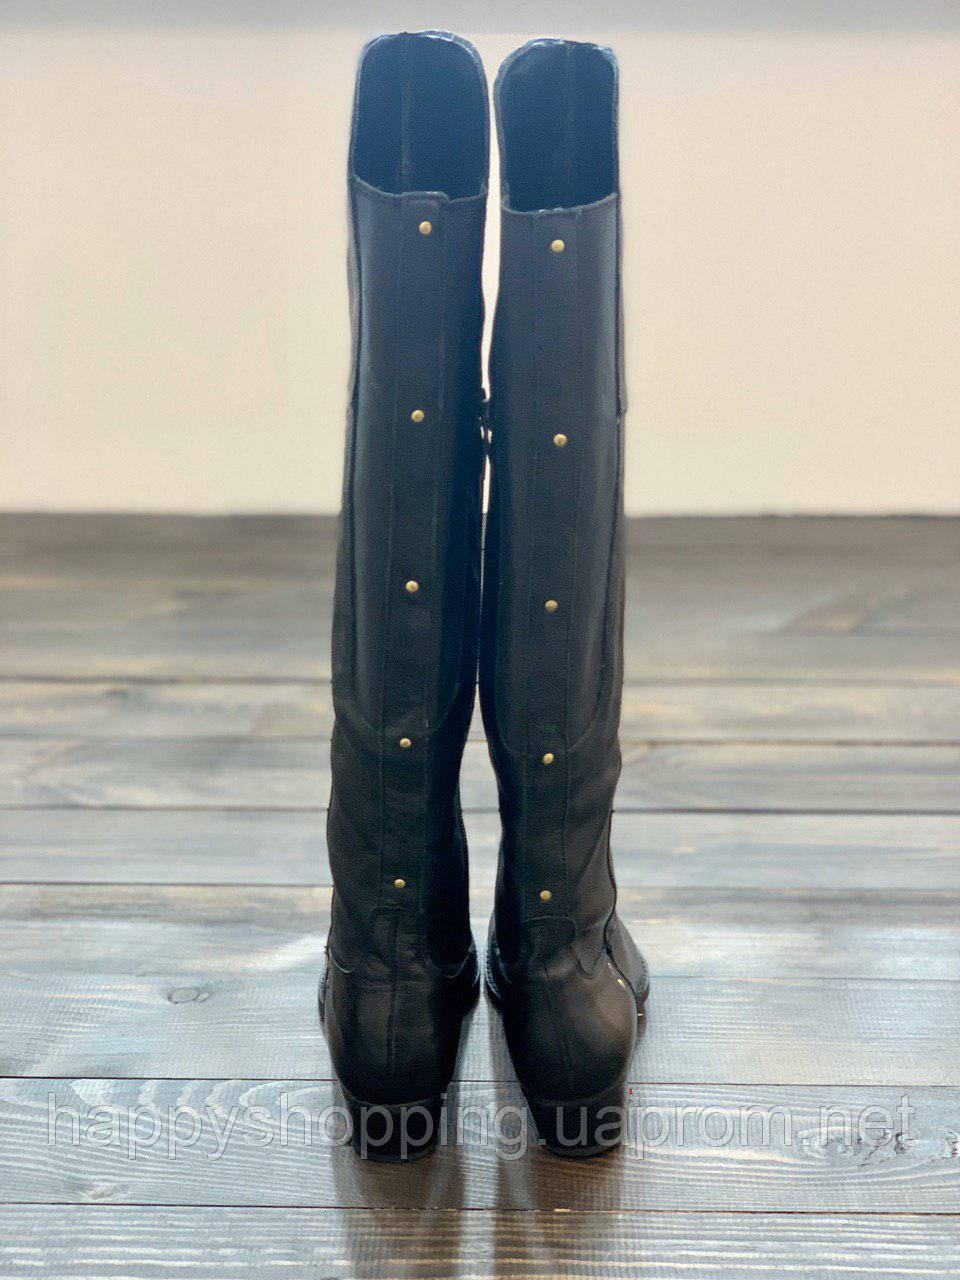 Женские  черные демисезонные сапоги из натуральной кожи на небольшом каблуке  Dolce Vita